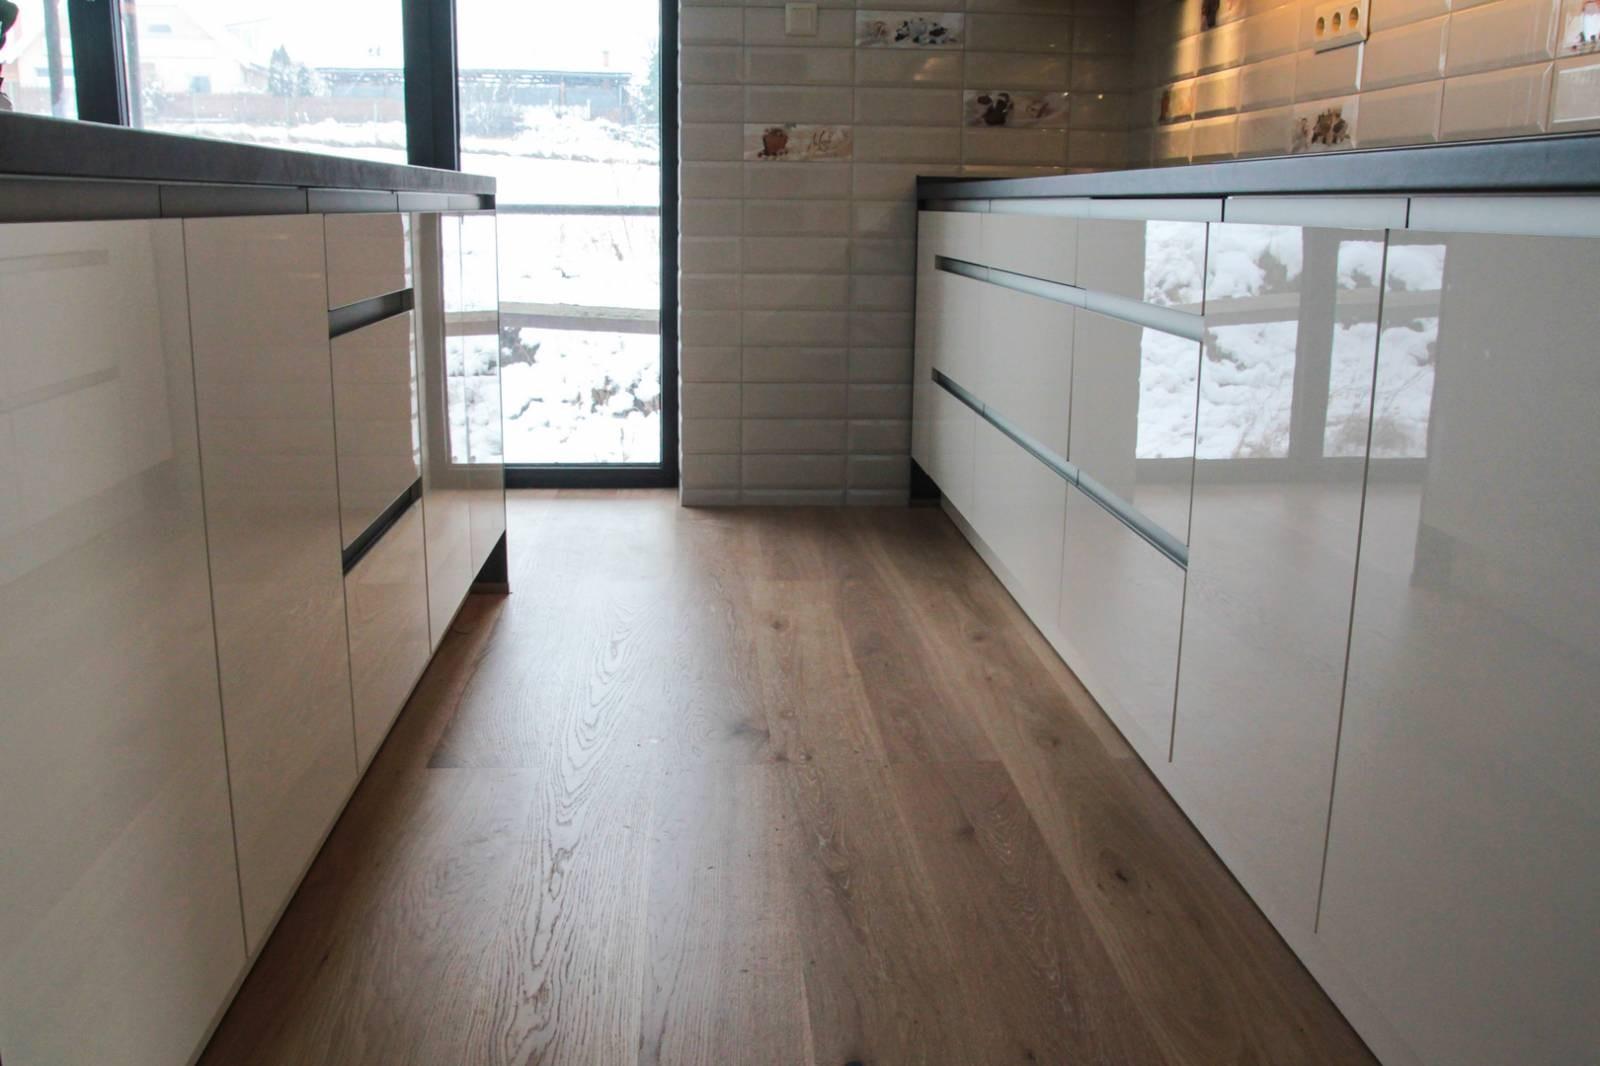 Referință - Bucătărie modernă Nobilia Focus - Crem / Beton gri ardezie